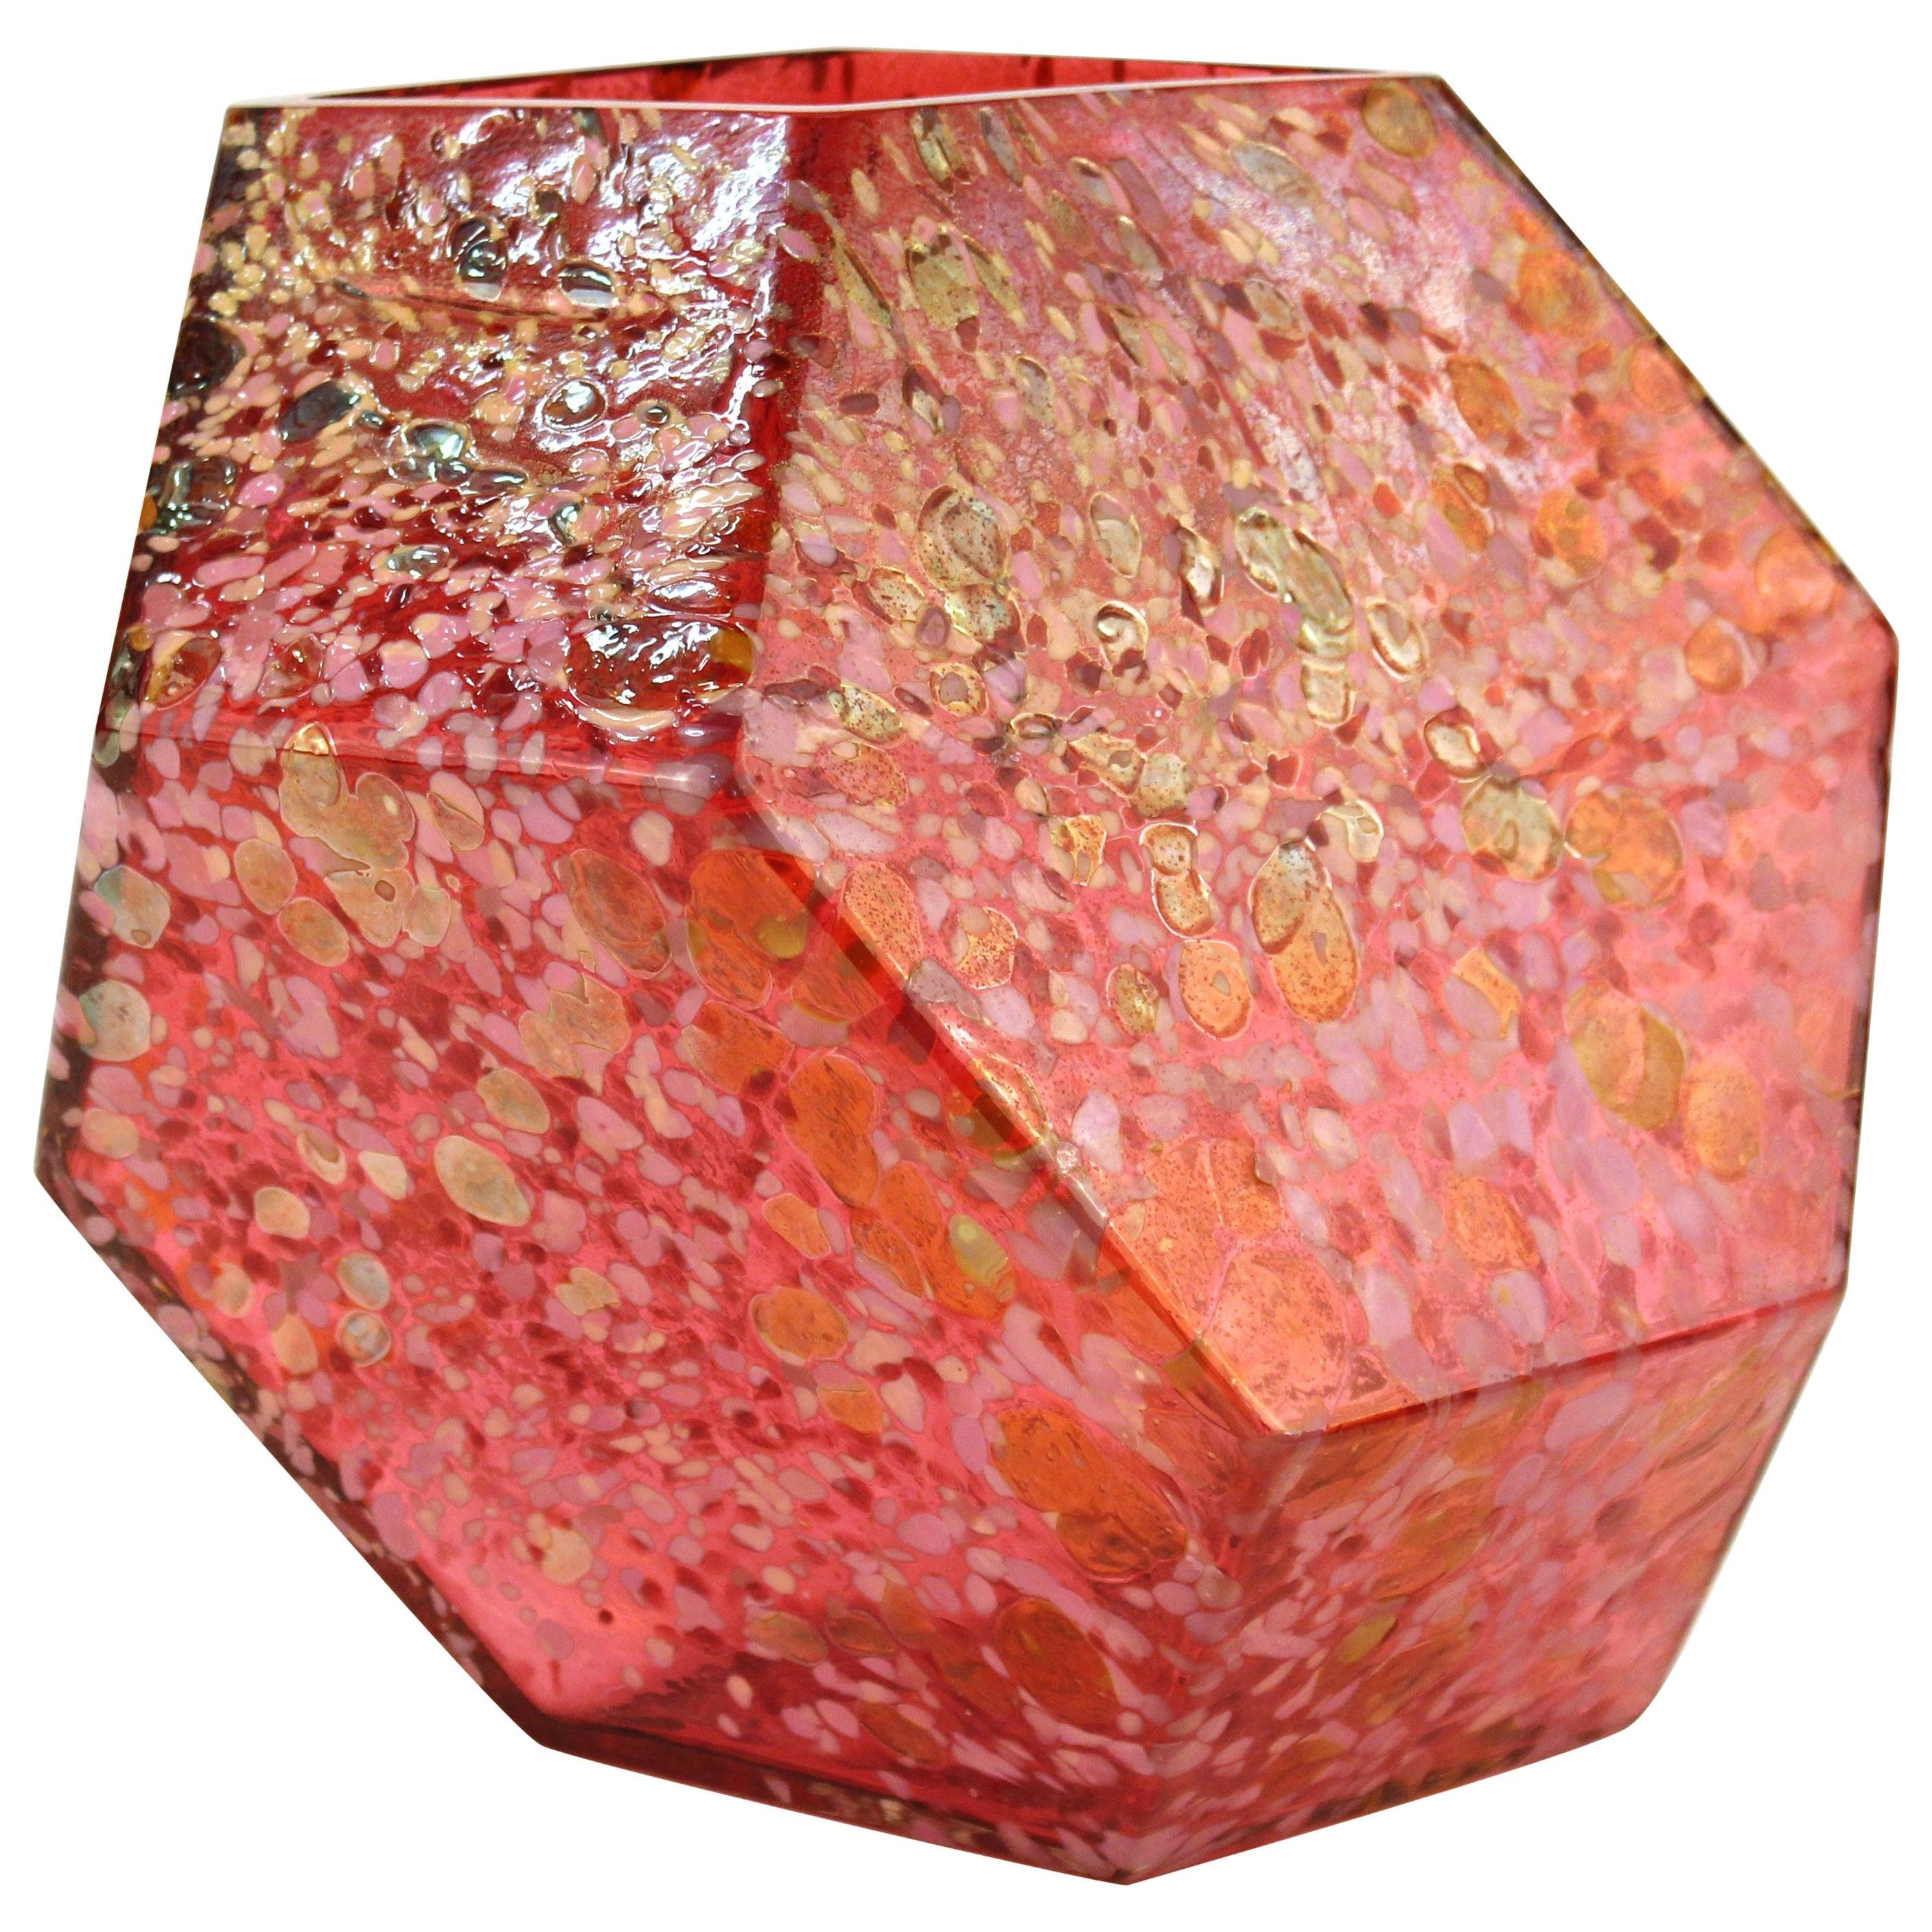 John Torreano Modern Faceted Geometric Art Glass Sculpture or Vase